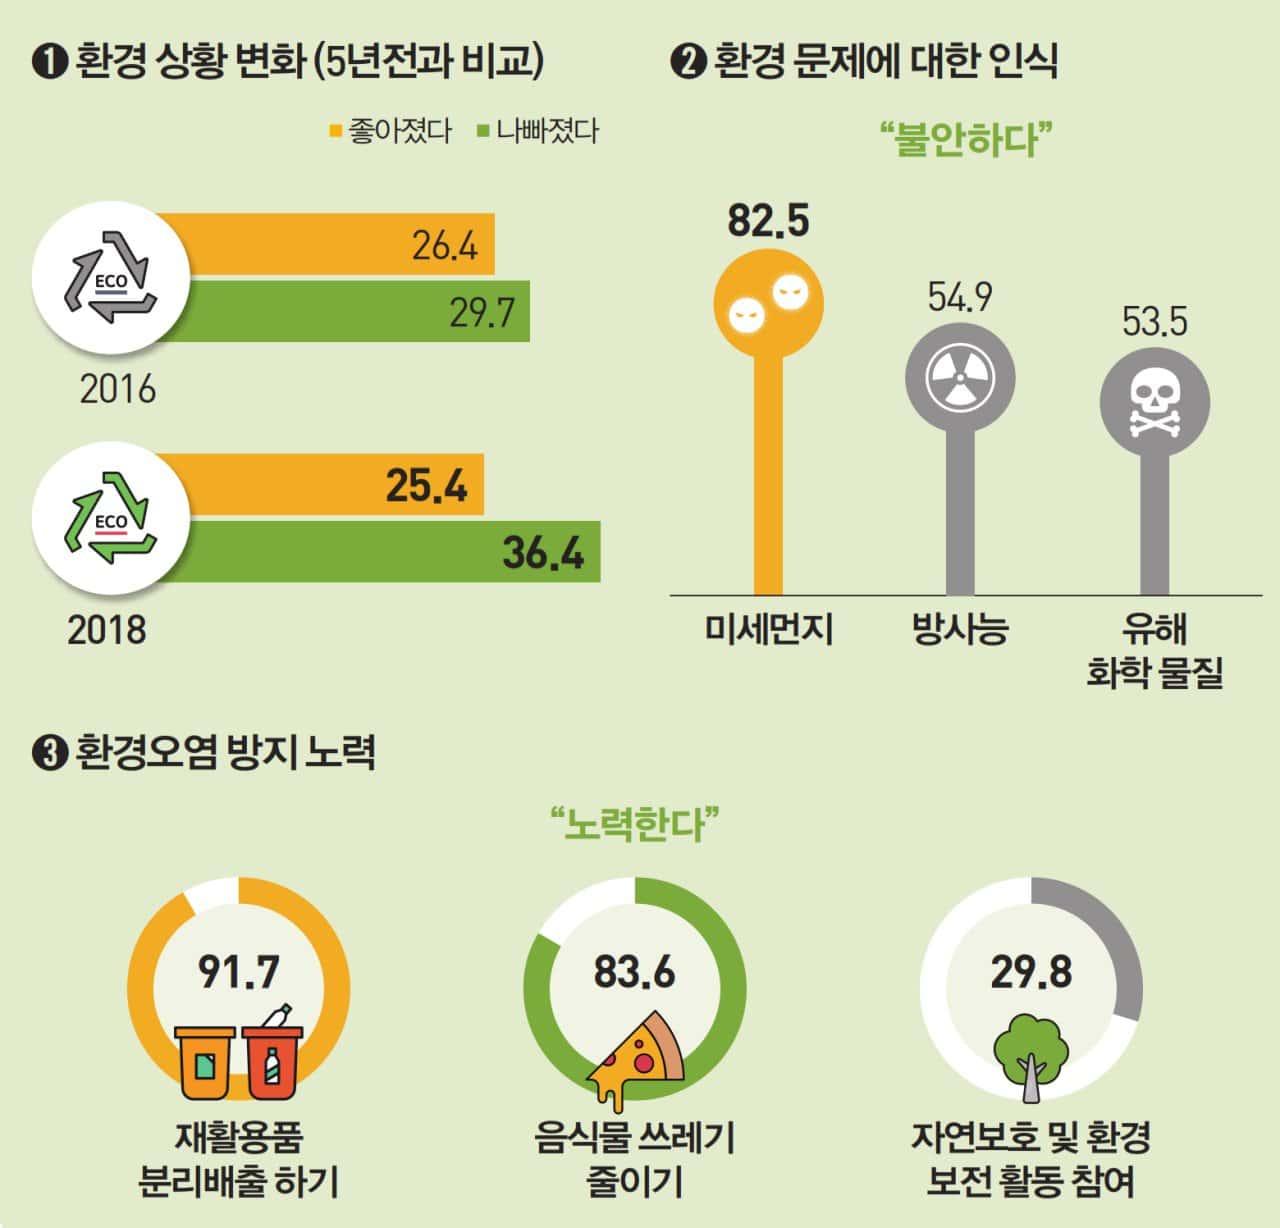 2018년 사회조사 결과 주요 트렌드 인포그래픽_환경 관련